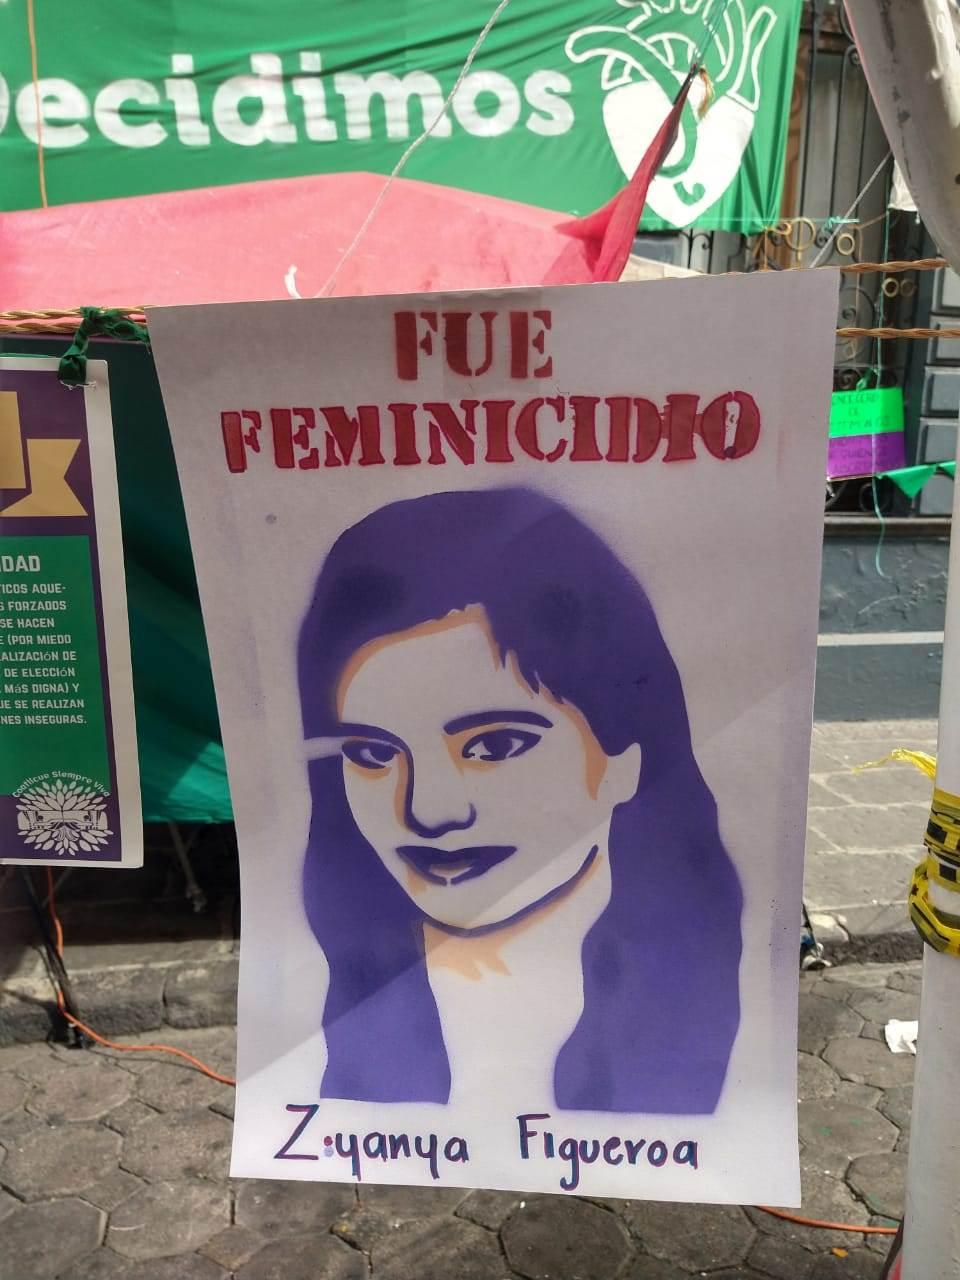 La muerte de Zyanya Figueroa fue investigada como suicidio, aunque varias pruebas arrojan que pudo tratarse de un homicidio. Fotografía: Guadalupe Juárez